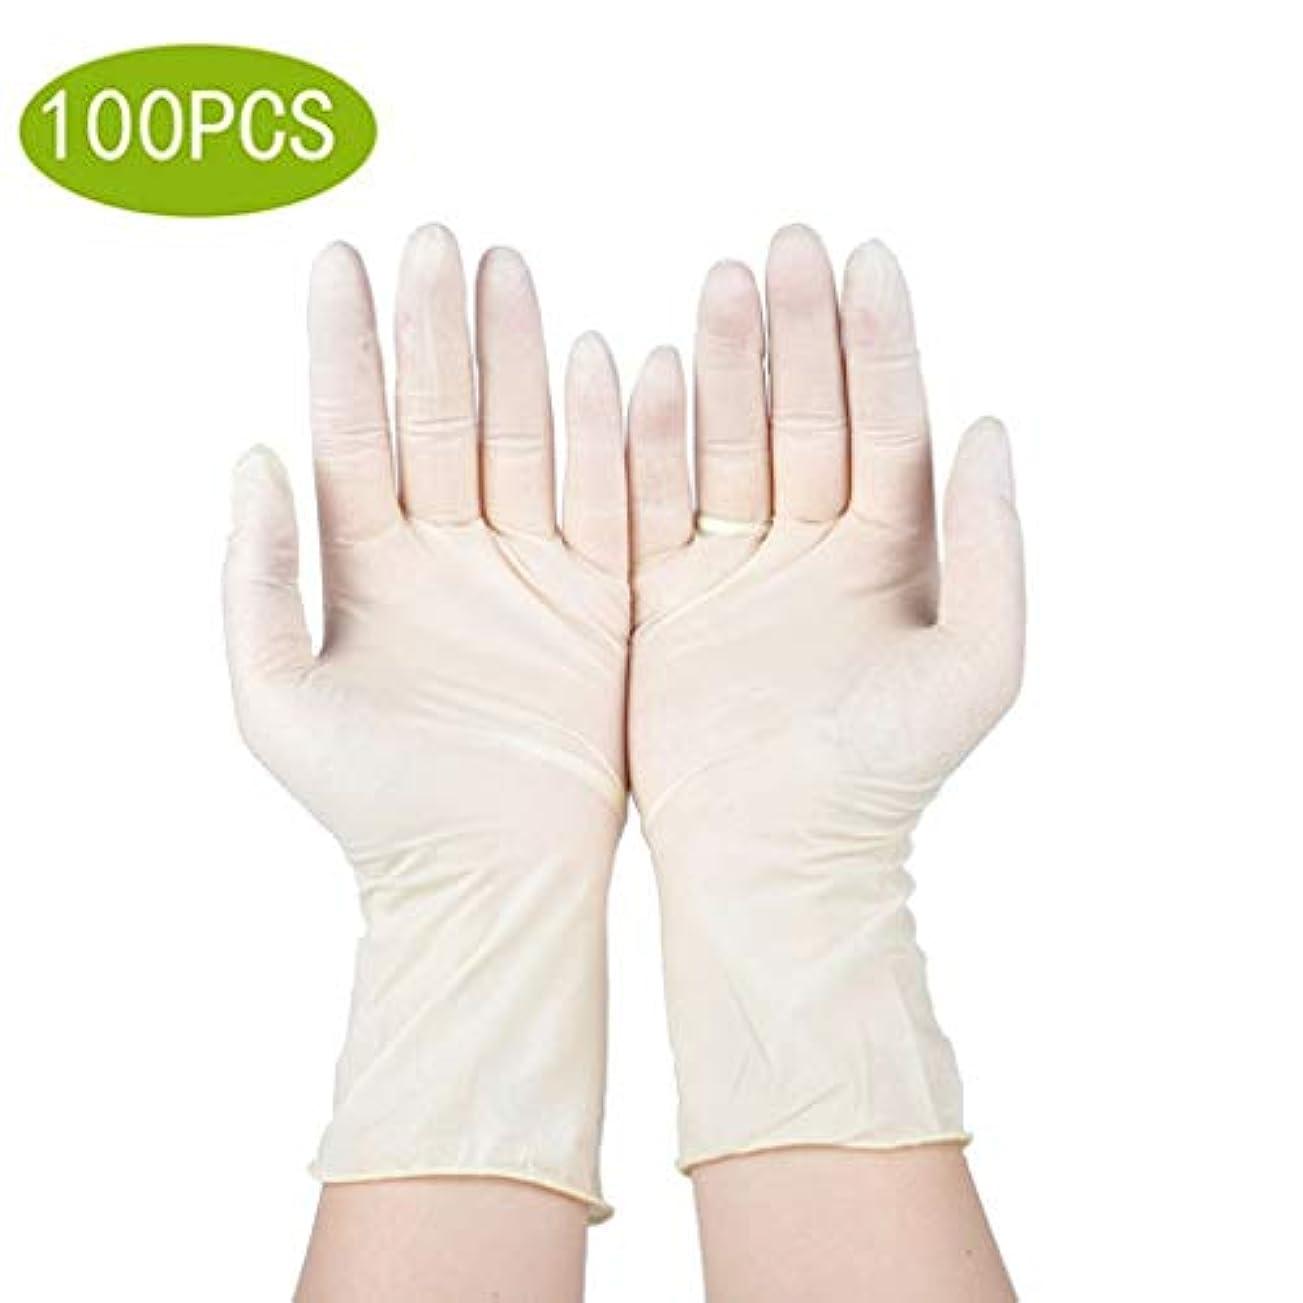 精度レクリエーション想像力豊かなニトリル手袋義務使い捨てビニール手袋、100カウント、特大 - パウダーフリー、両性、極度の快適さ、特別に強く、丈夫で伸縮性がある、医療、食品、マルチユース (Color : Latex Gloves, Size : M)